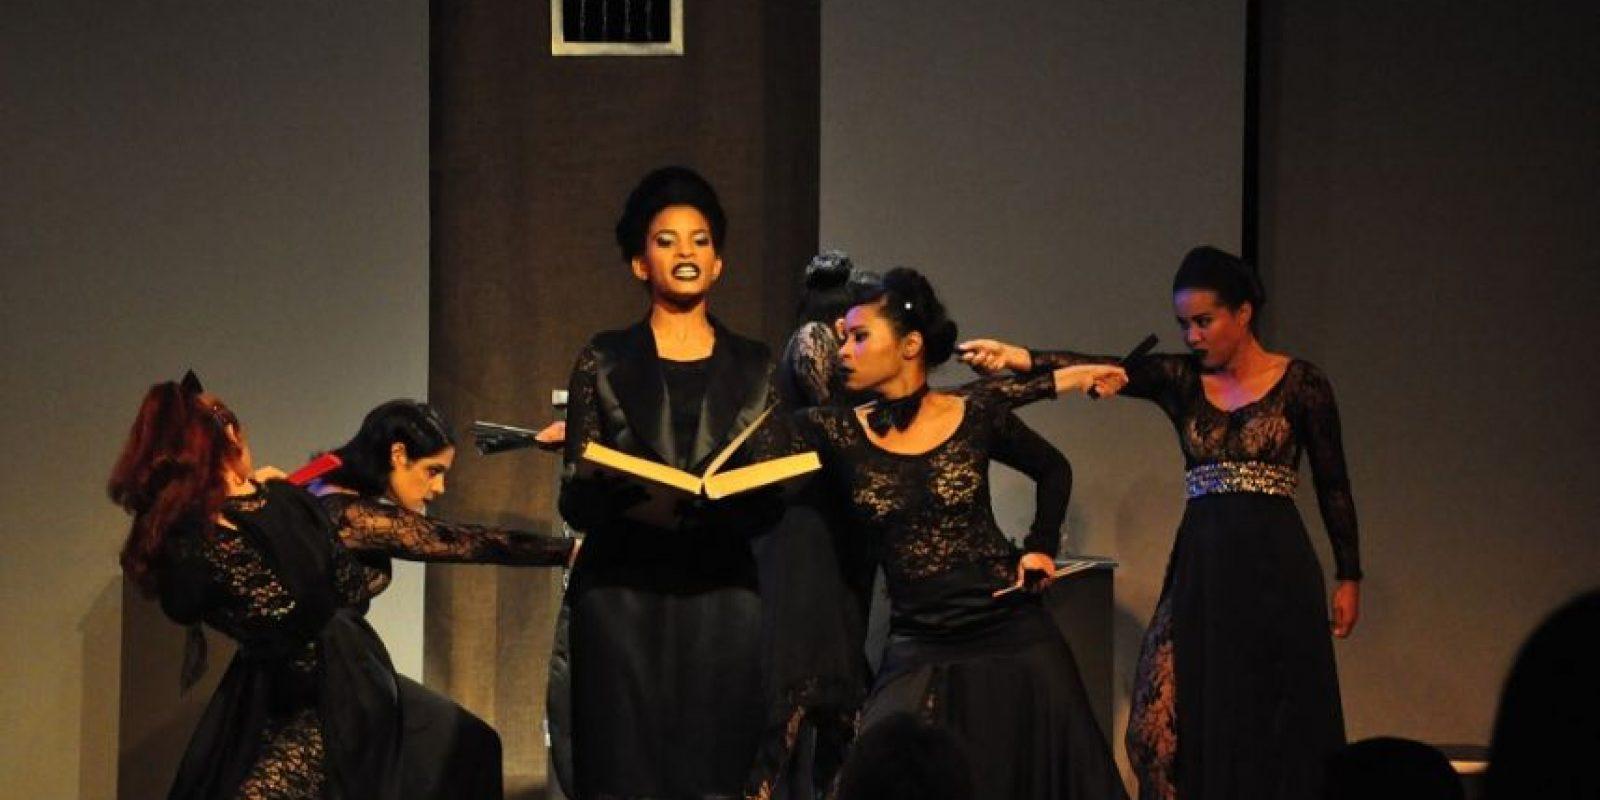 Teatro Maleducadas, escena de la representación dominicana del FITE. Foto:Fuente externa